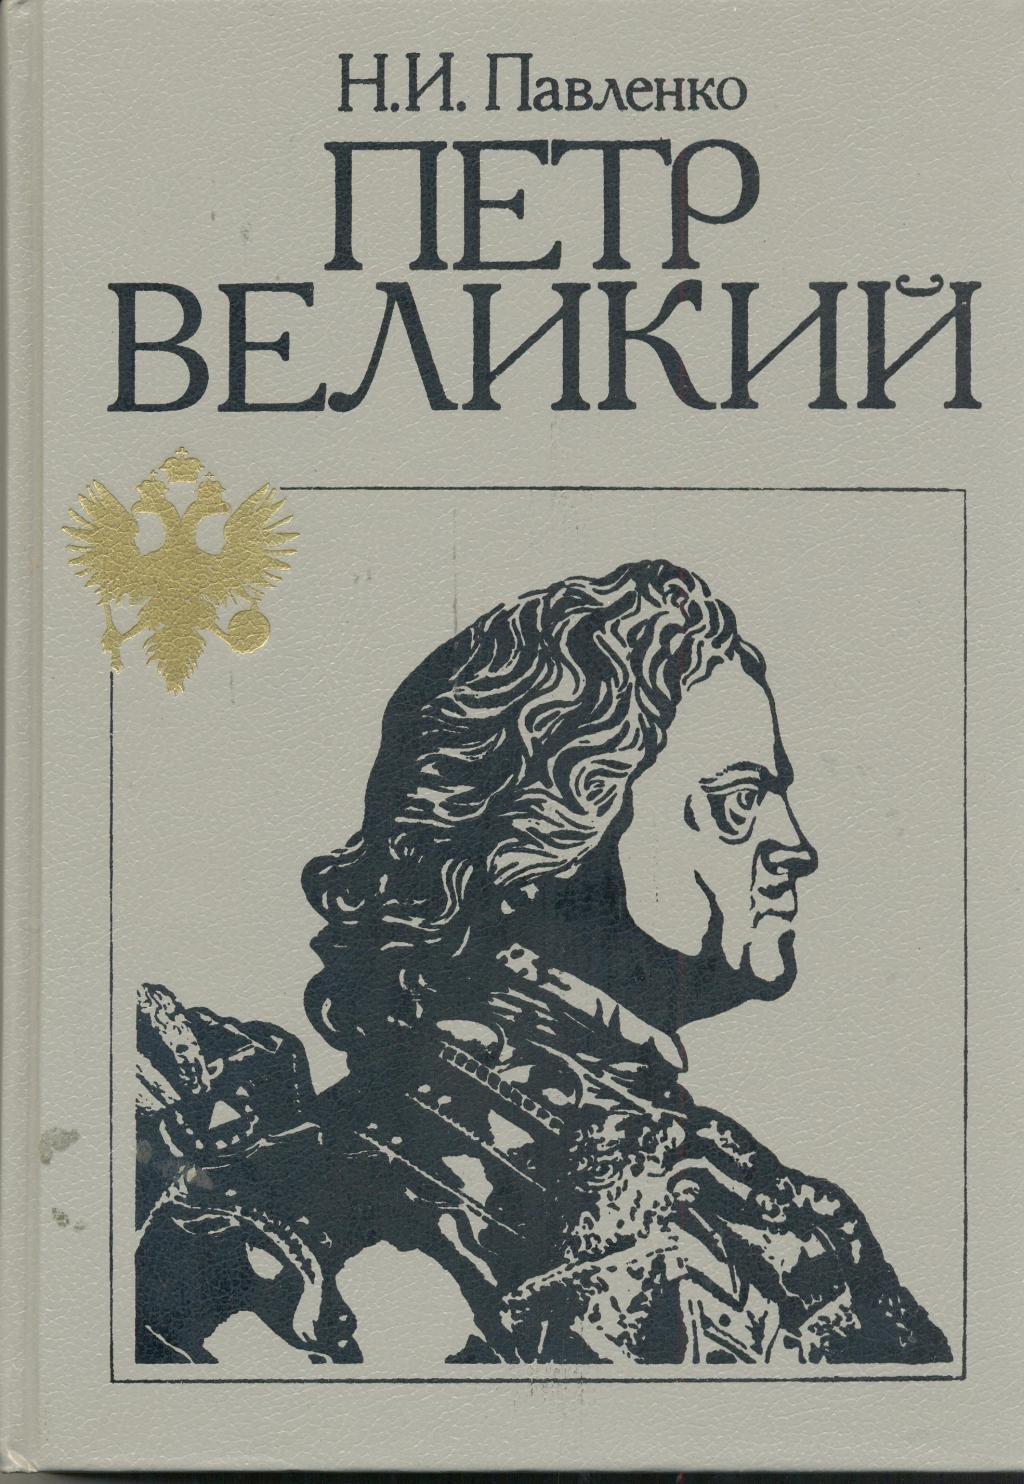 Н. И. Павленко - Петр Великий (М., Мысль, 1994 год) скачать pdf